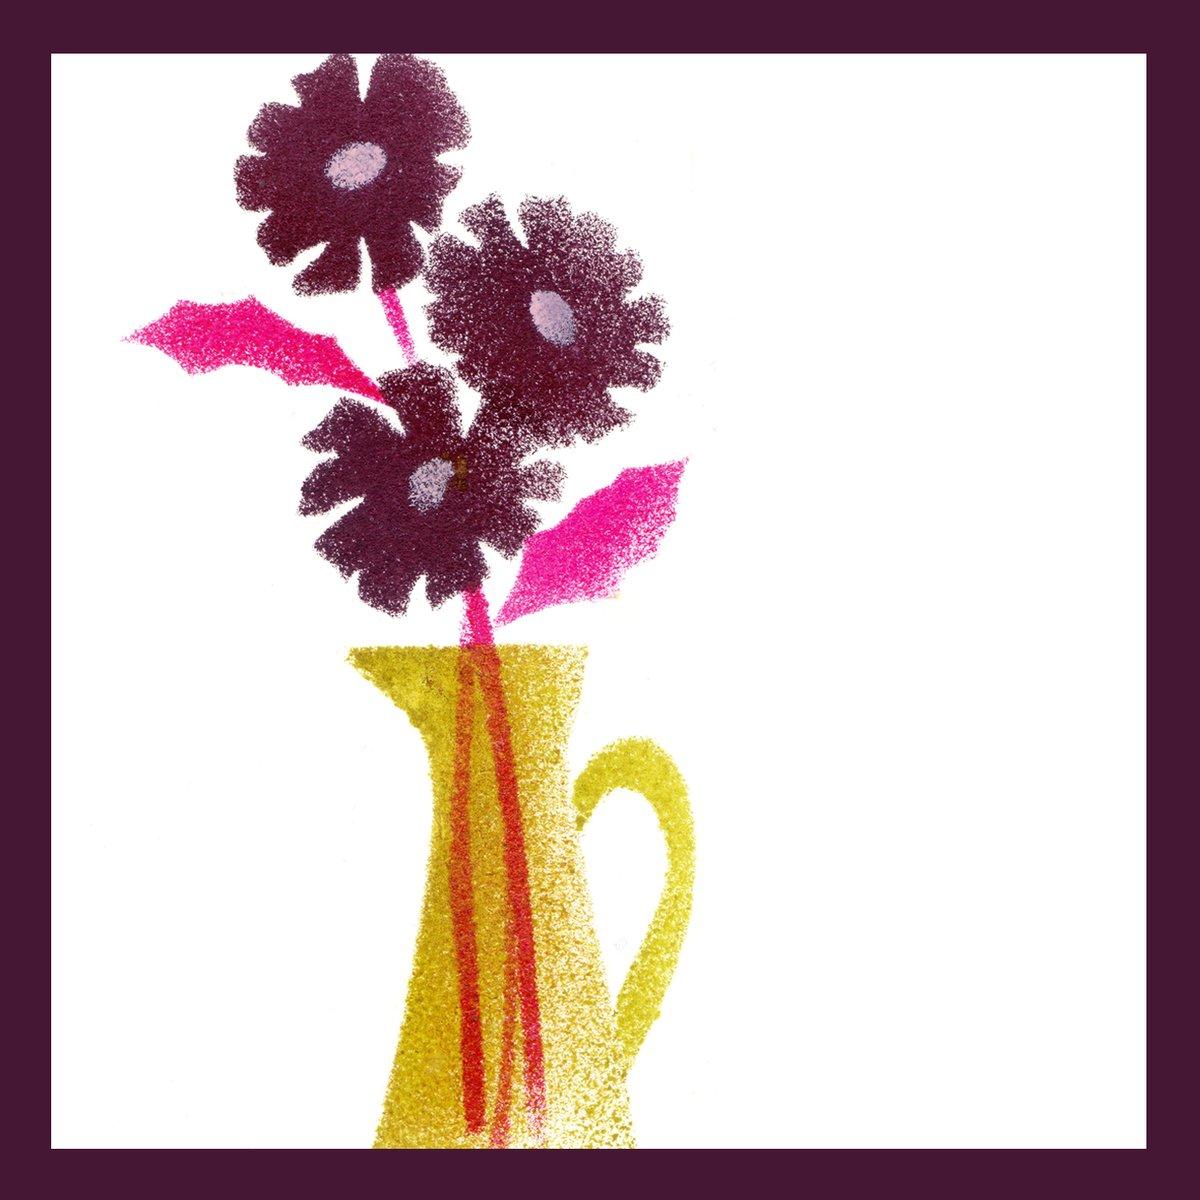 チョコレートコスモス Chocolate Cosmos  #ステンシル #イラストレーション #イラストレーター #イラスト #チョコレートコスモス #illustration #stencilart #flower #flowers https://t.co/I8D7ZNSHrY